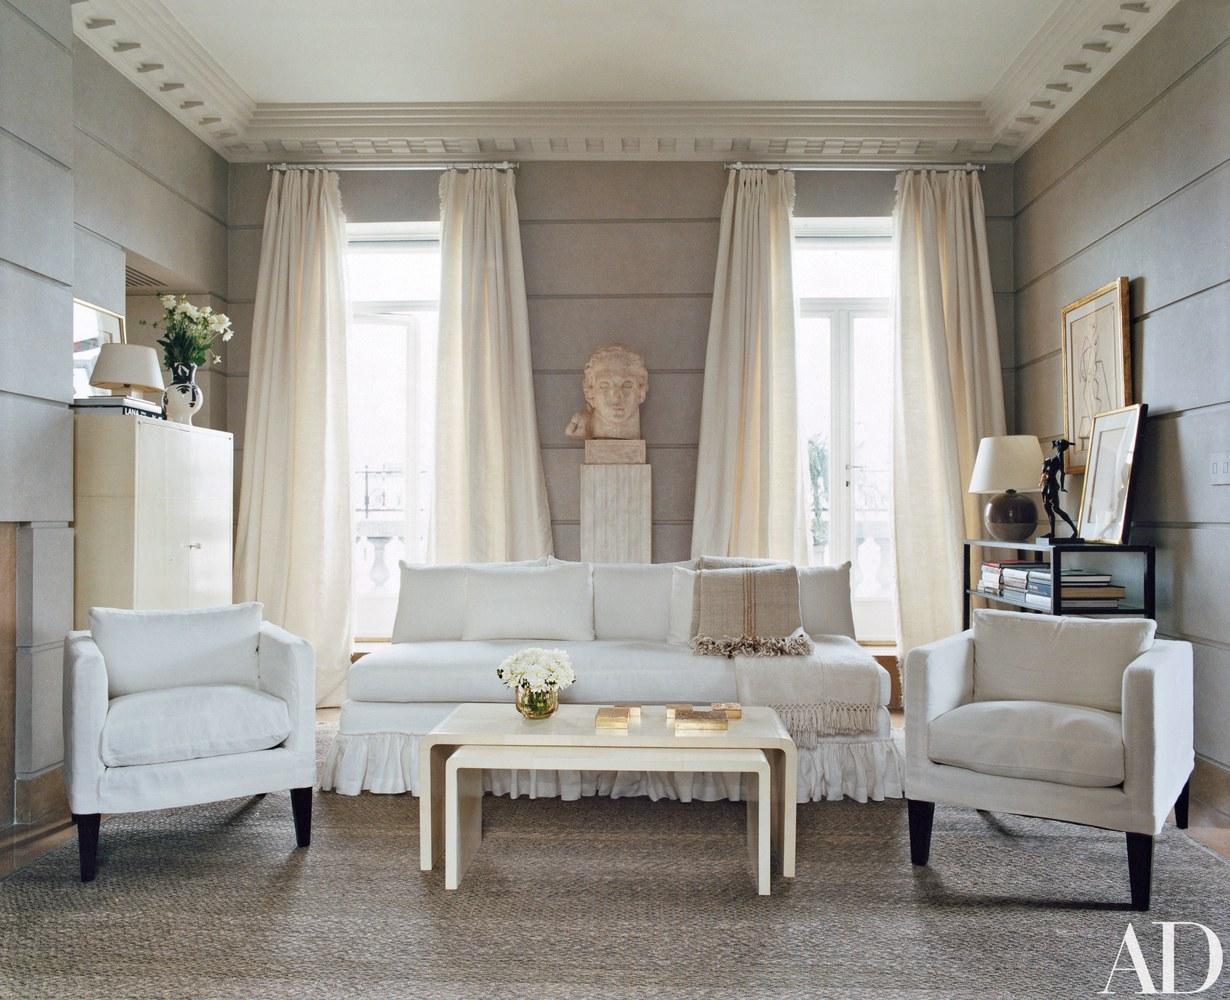 Inspirational Interiors: Stephen Sills - Jason Mowen